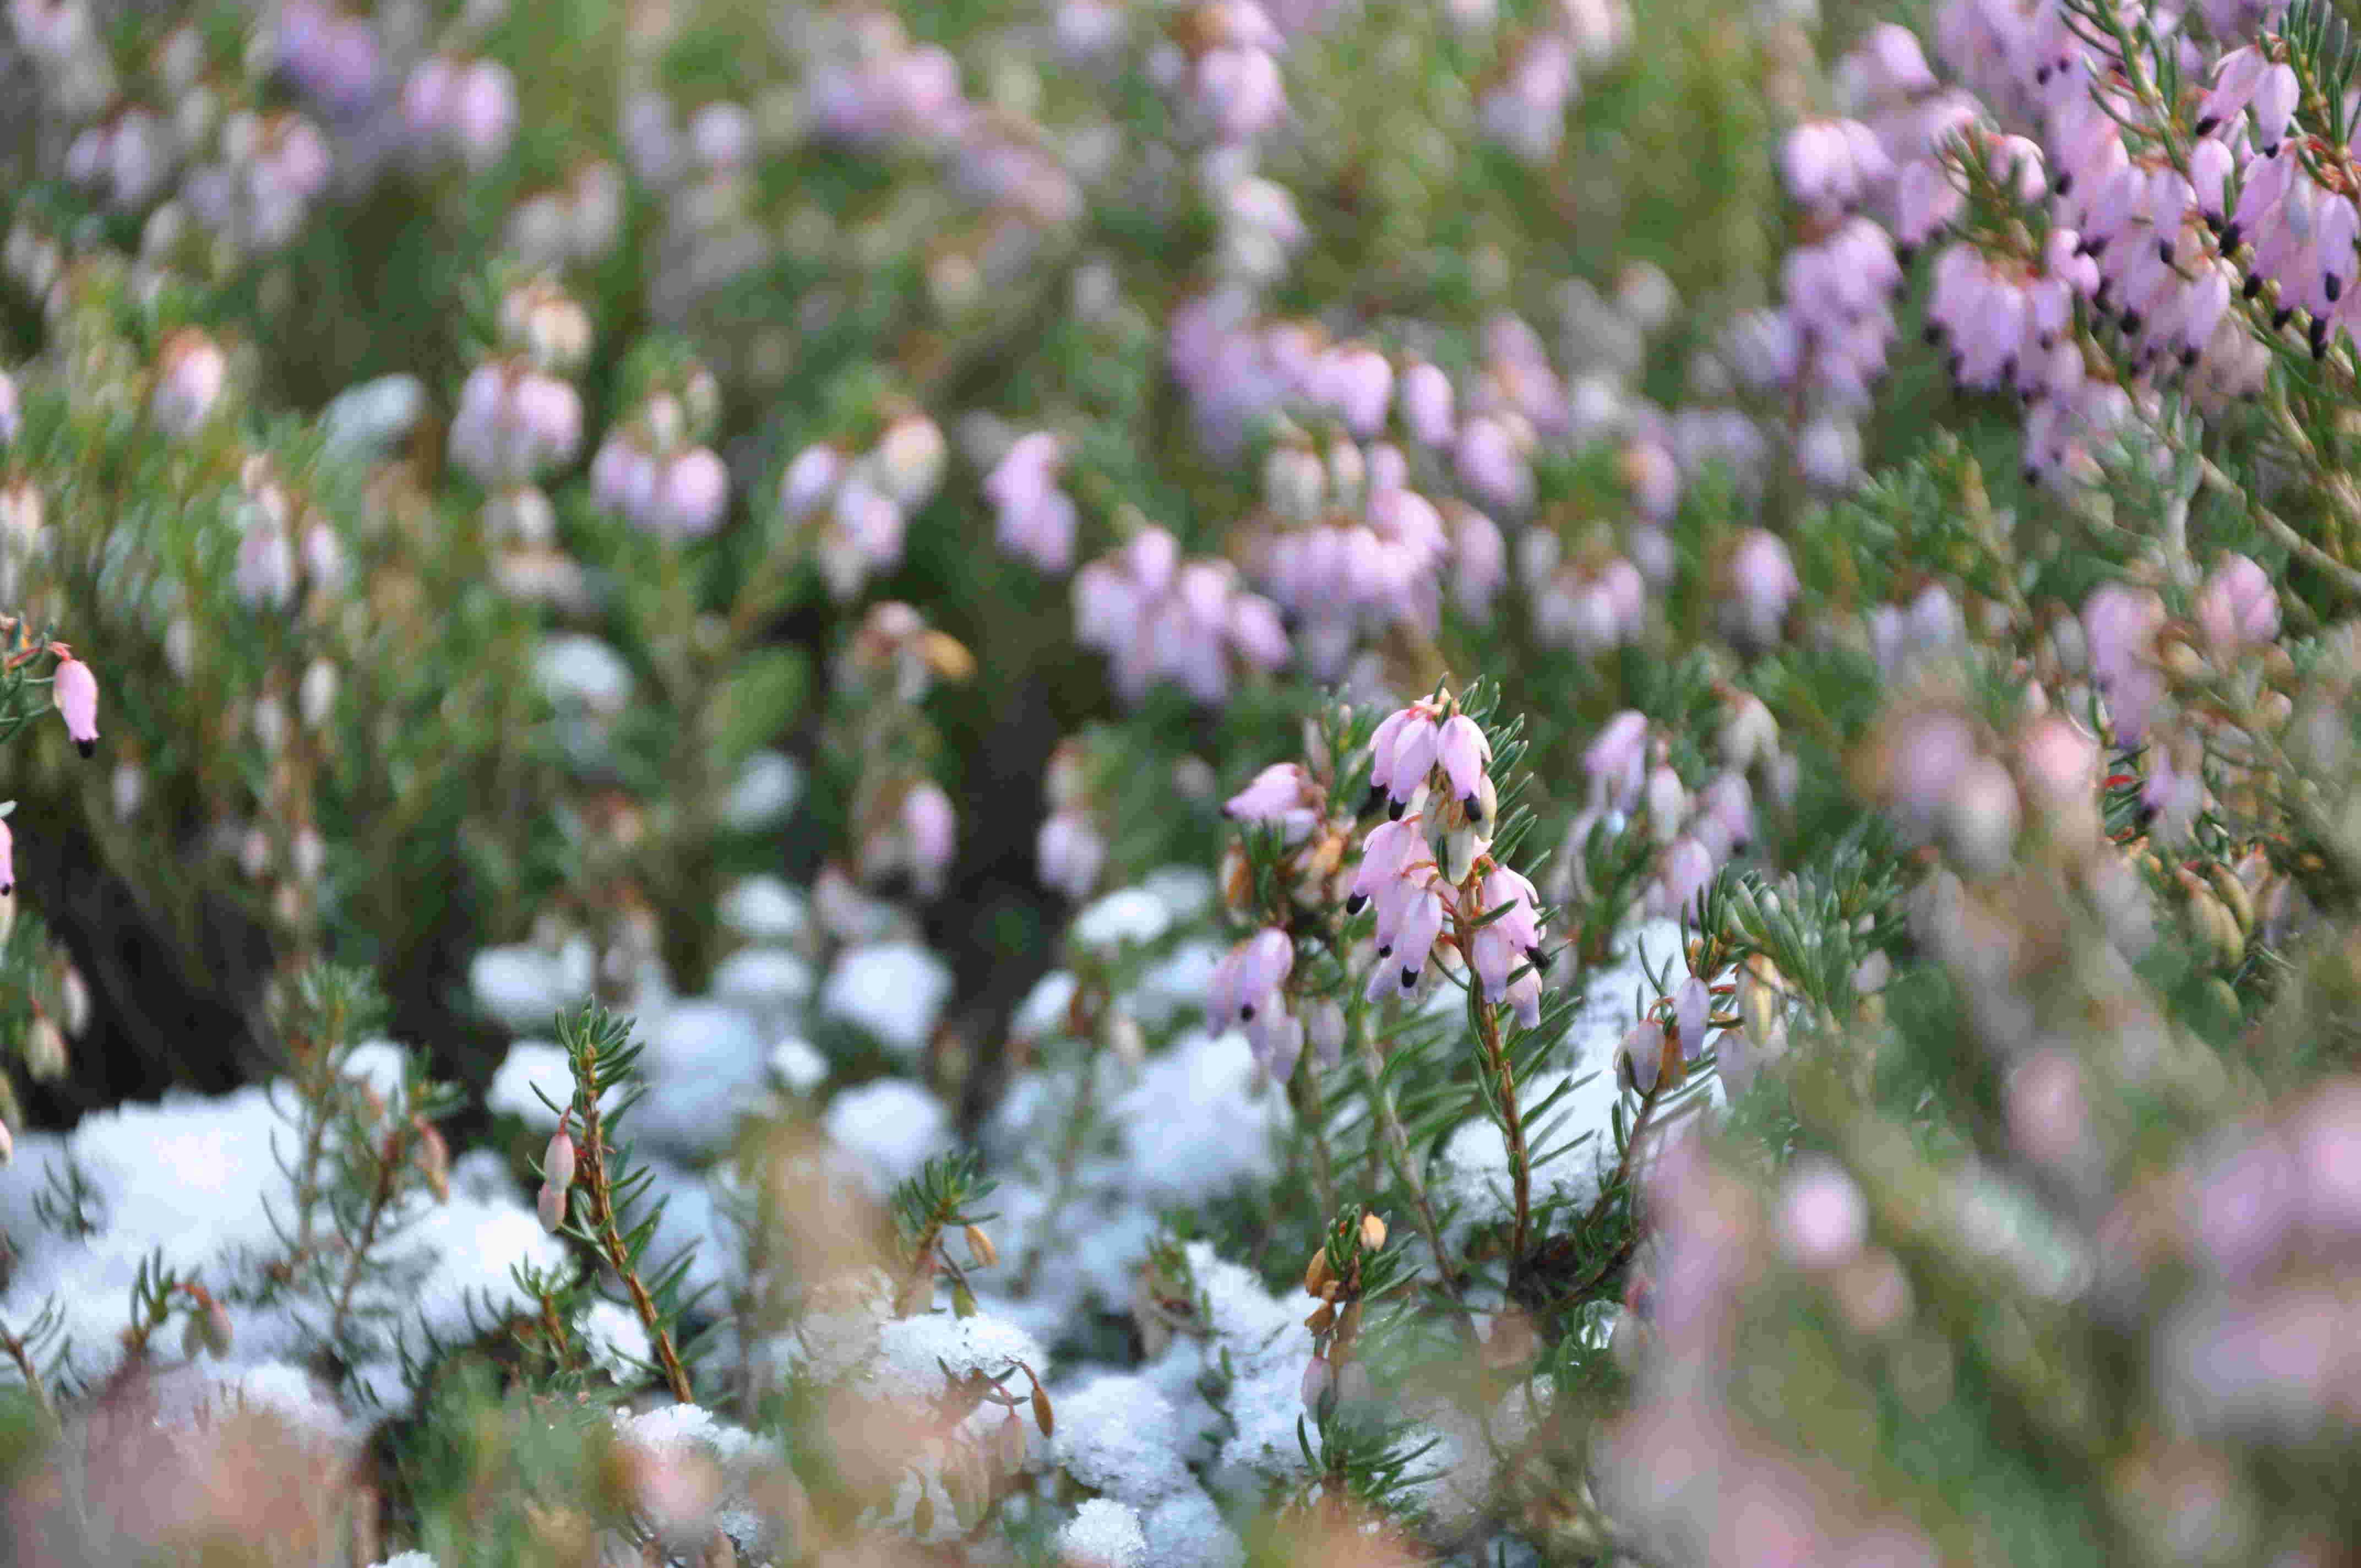 Vinterblommande ljung piggar upp med tidig blomning.